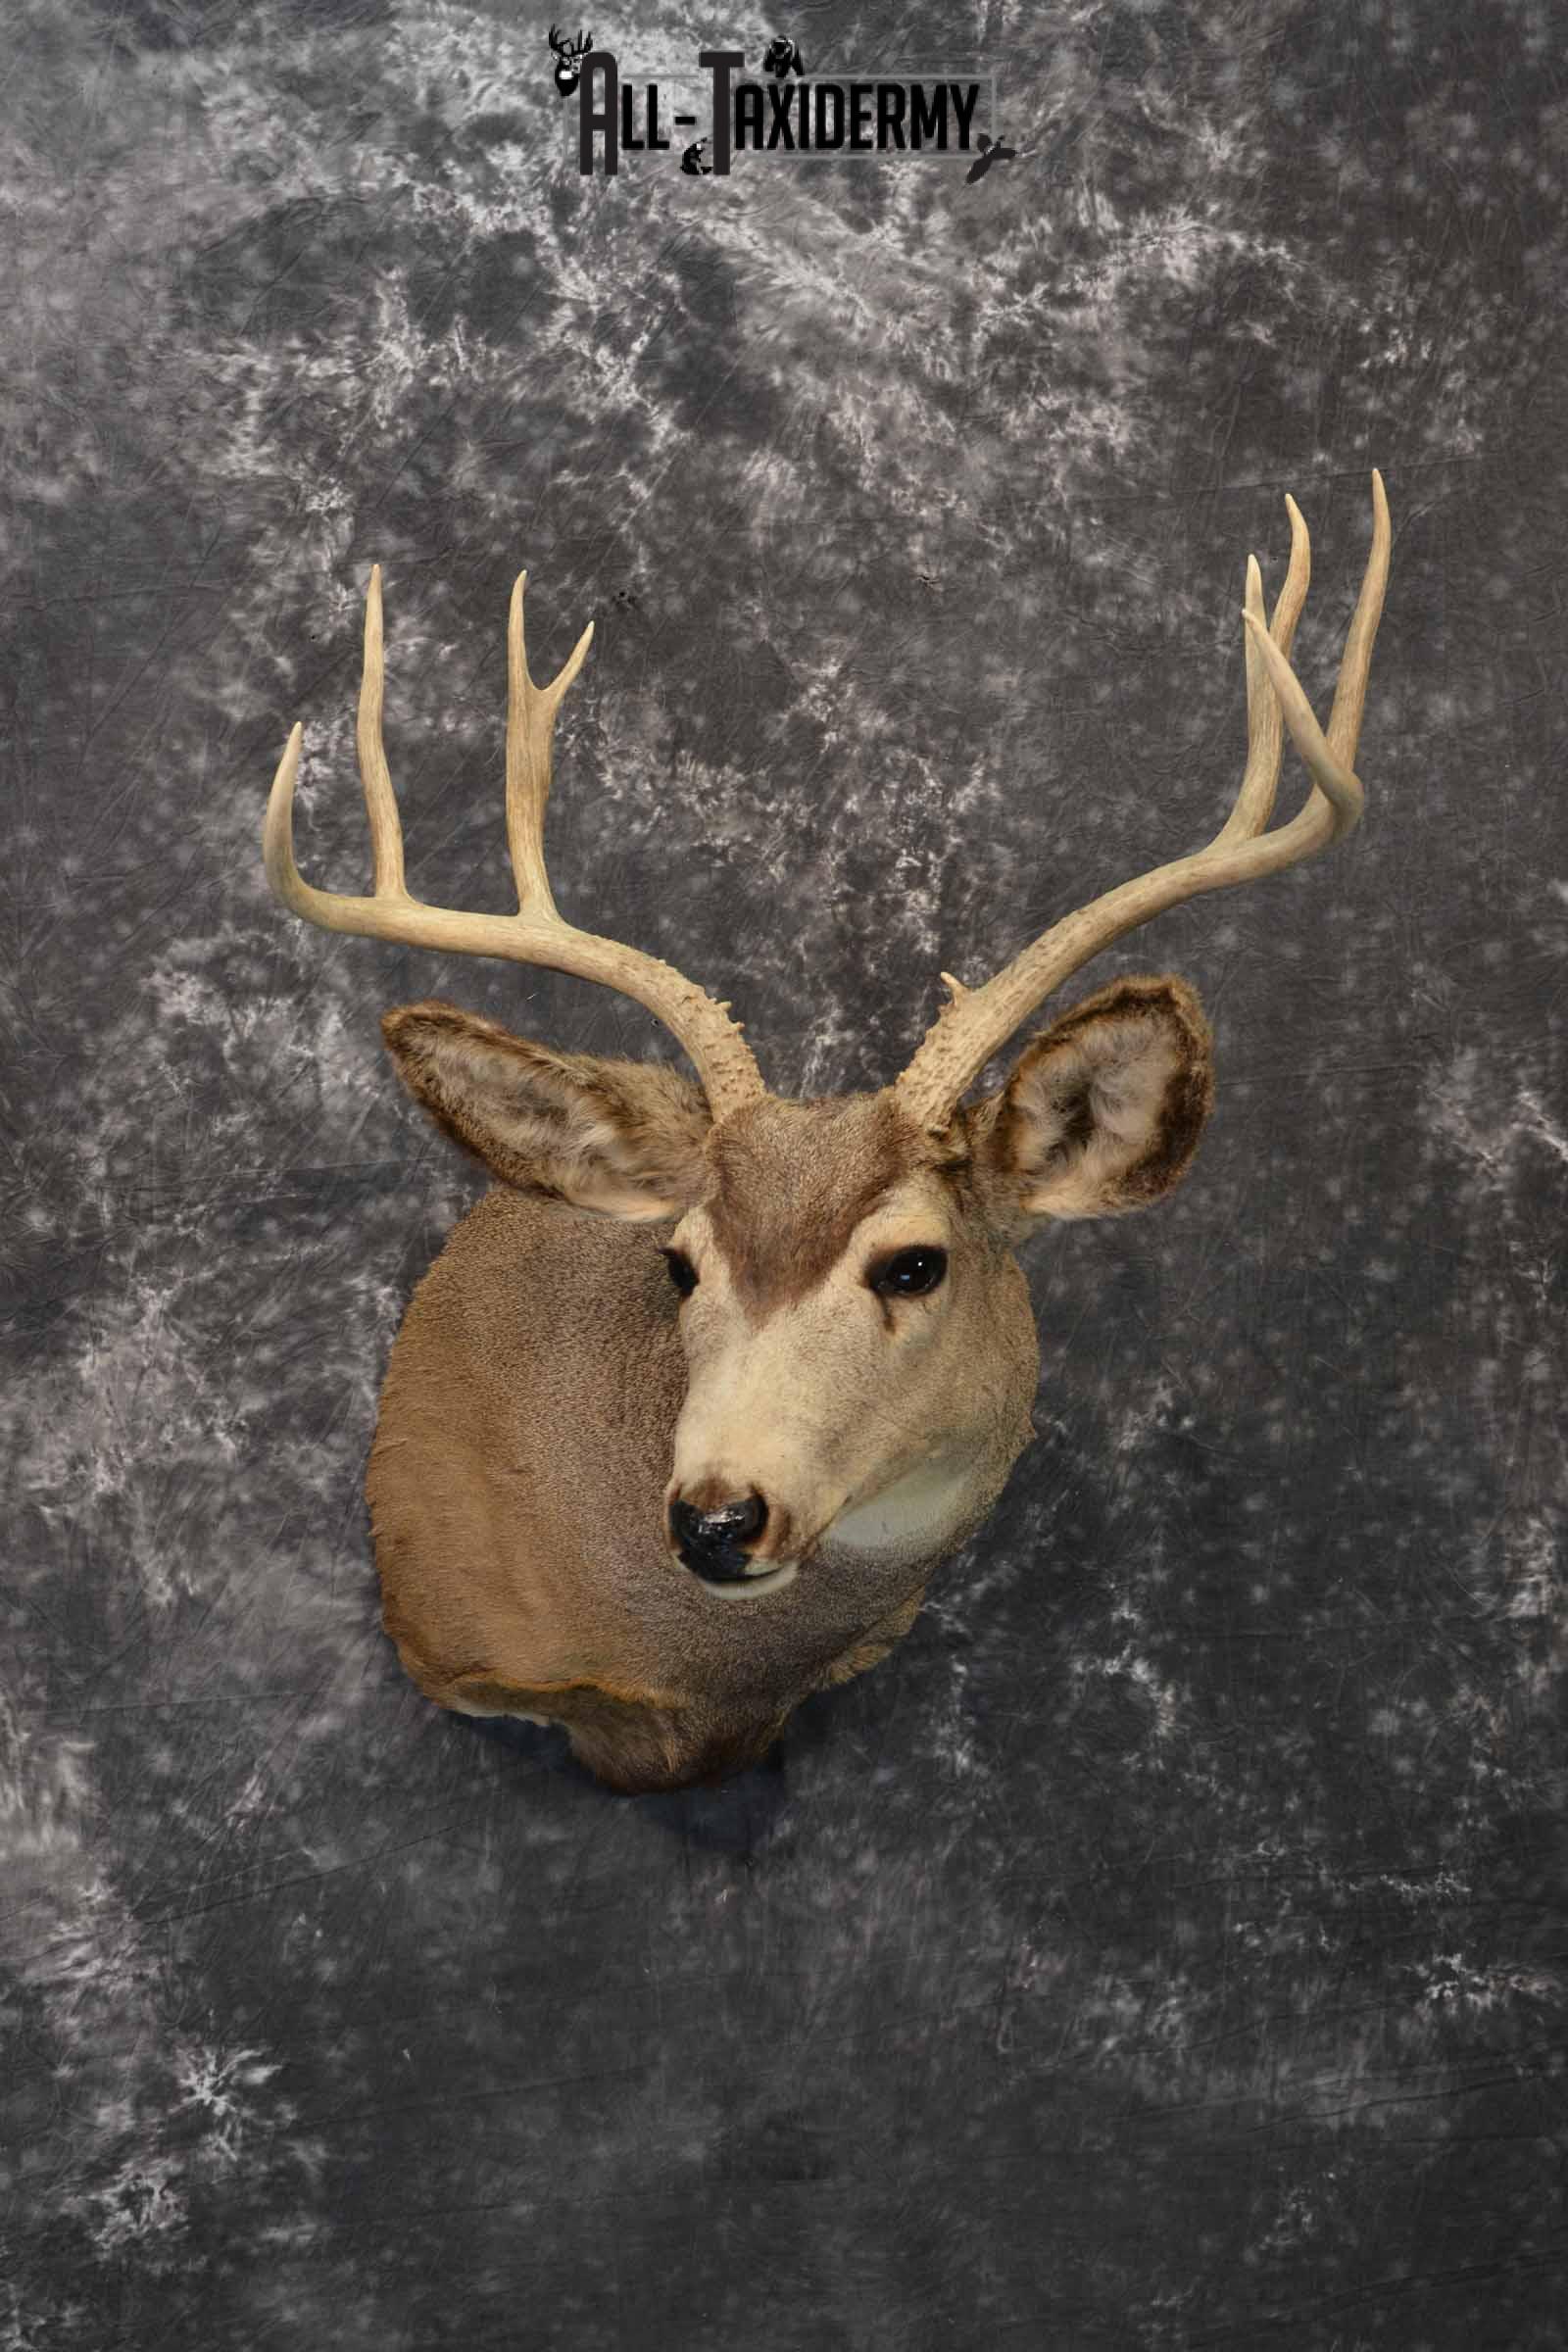 Mule deer taxidermy mount for sale SKU 1156